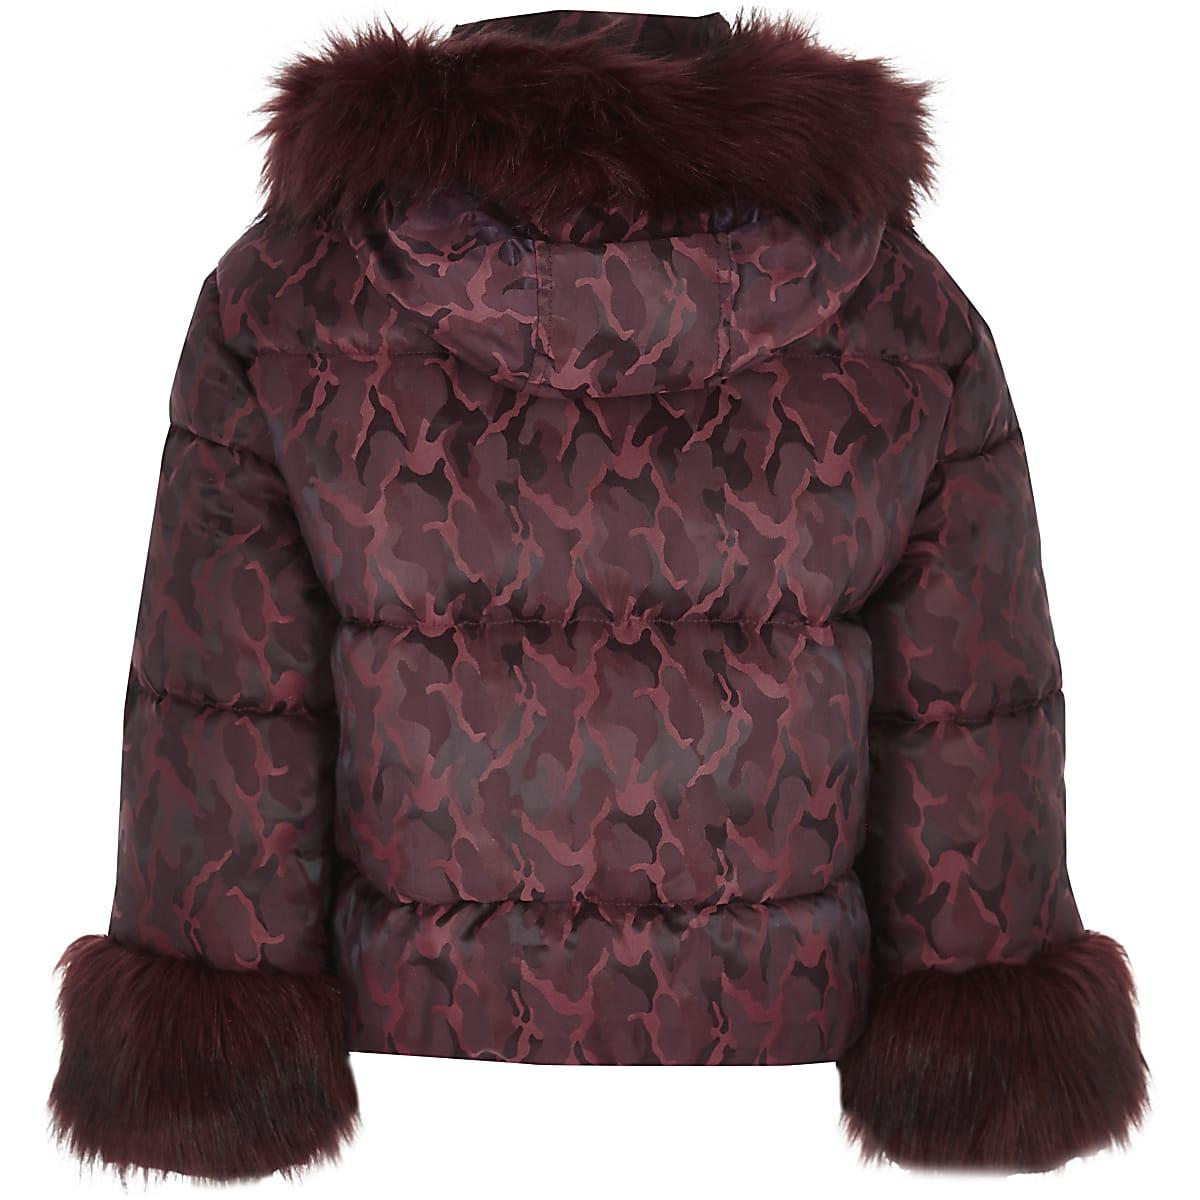 8a1da59b3 Girls red camo faux fur hooded puffer jacket - Coats - Coats ...